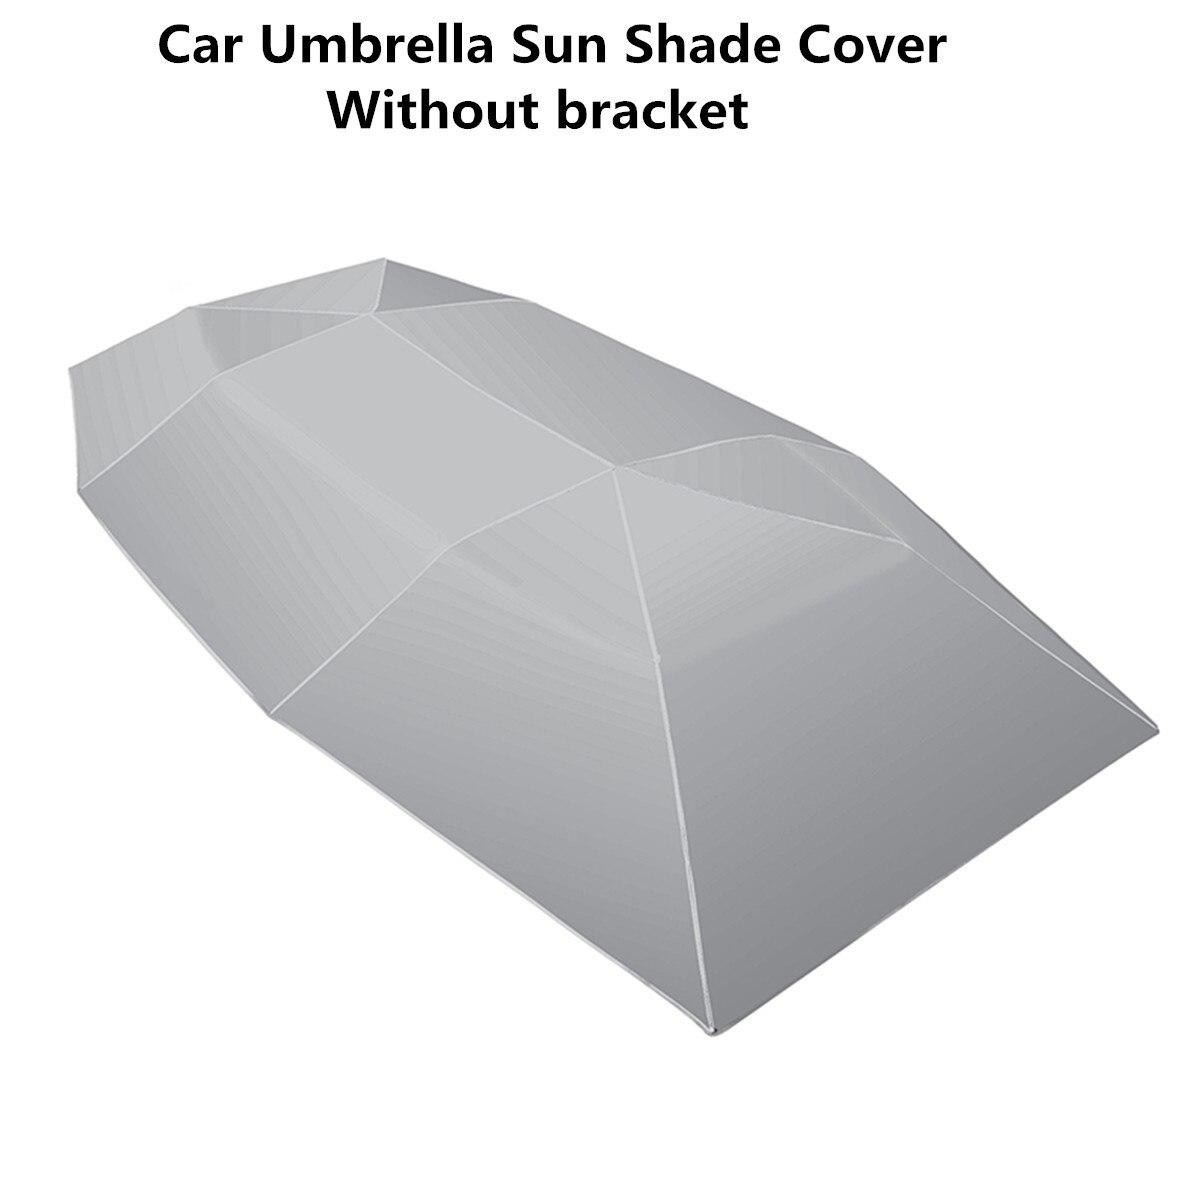 400x210 cm extérieur voiture véhicule tente voiture parapluie soleil ombre couverture Oxford tissu Polyester couvre bleu/argent sans support - 5